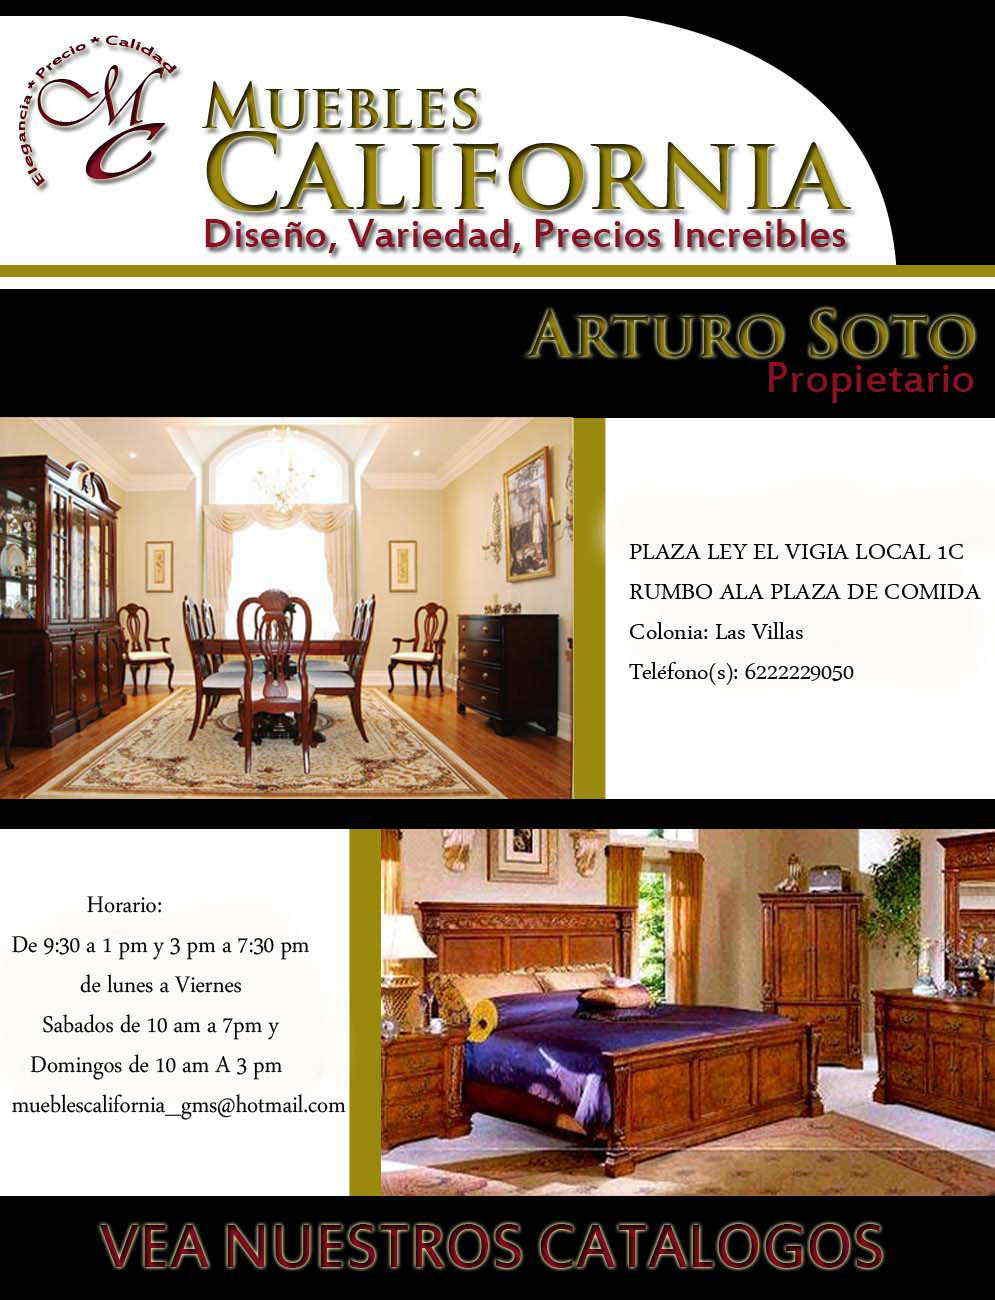 Muebles california en guaymas anunciado por zonacomercial - Muebles a buen precio ...